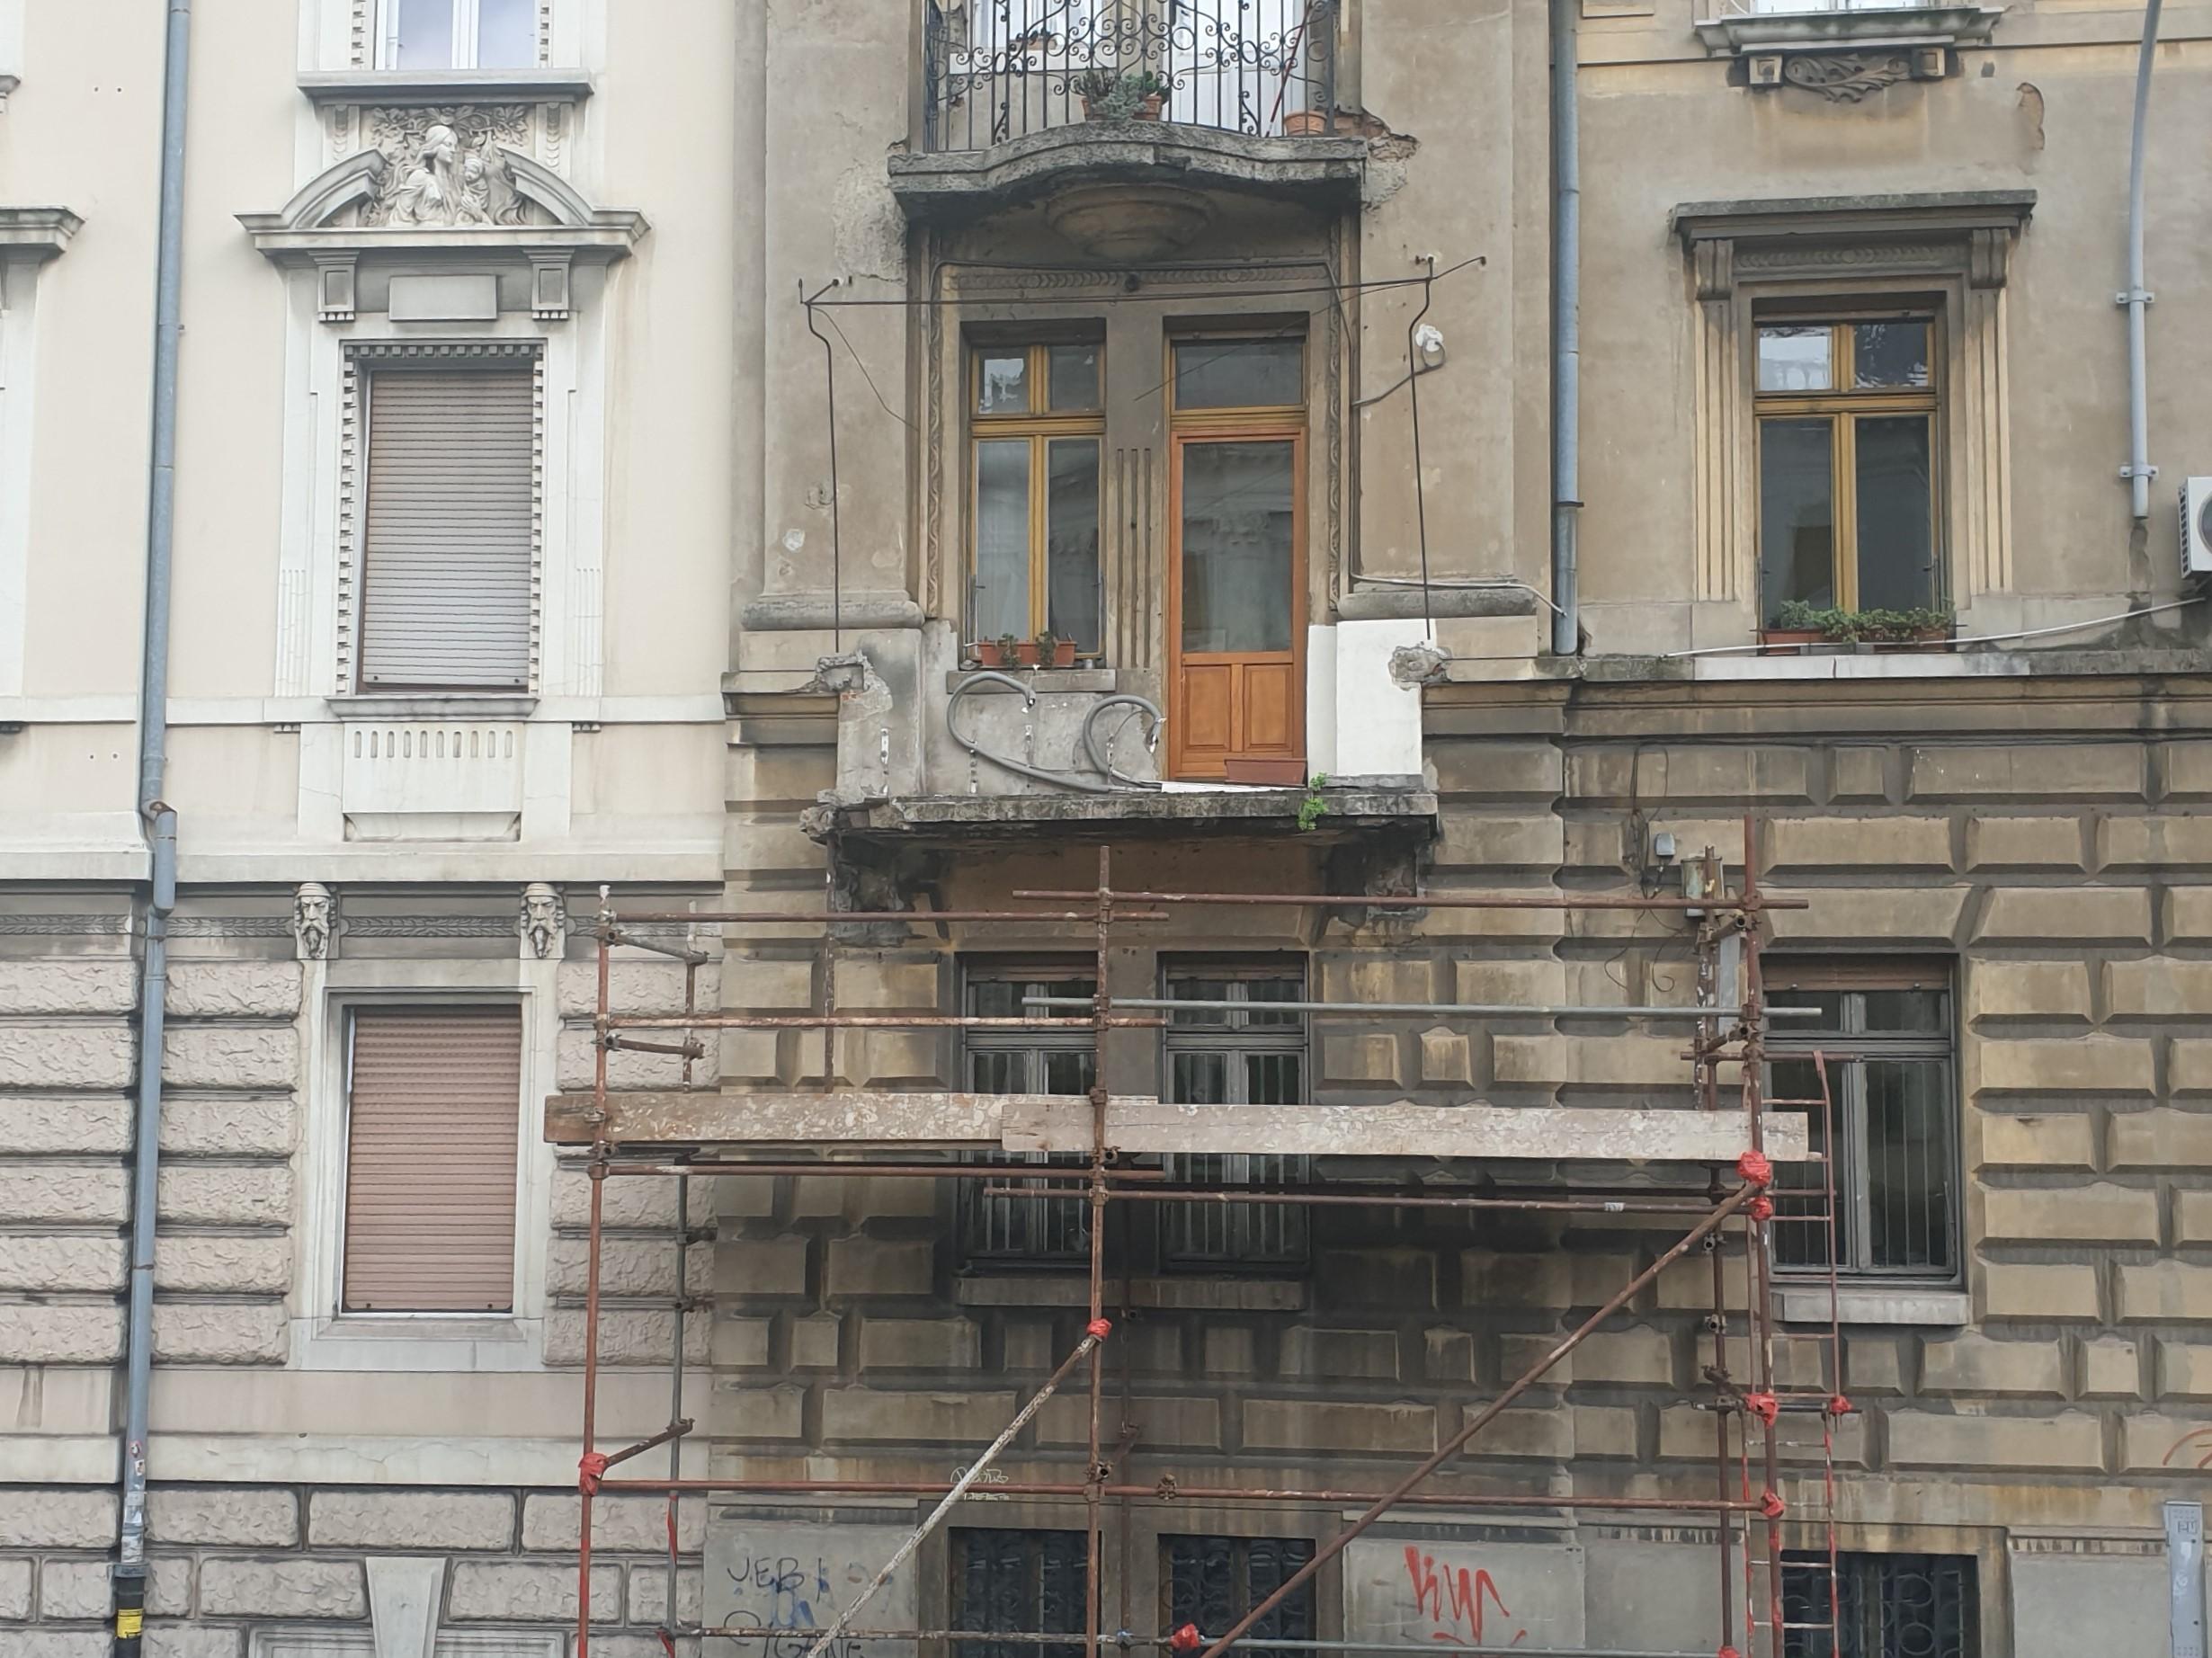 U tijeku je sanacija uličnog balkona na adresi Žrtava fašizma 15 u Rijeci (Brajda-Dolac)